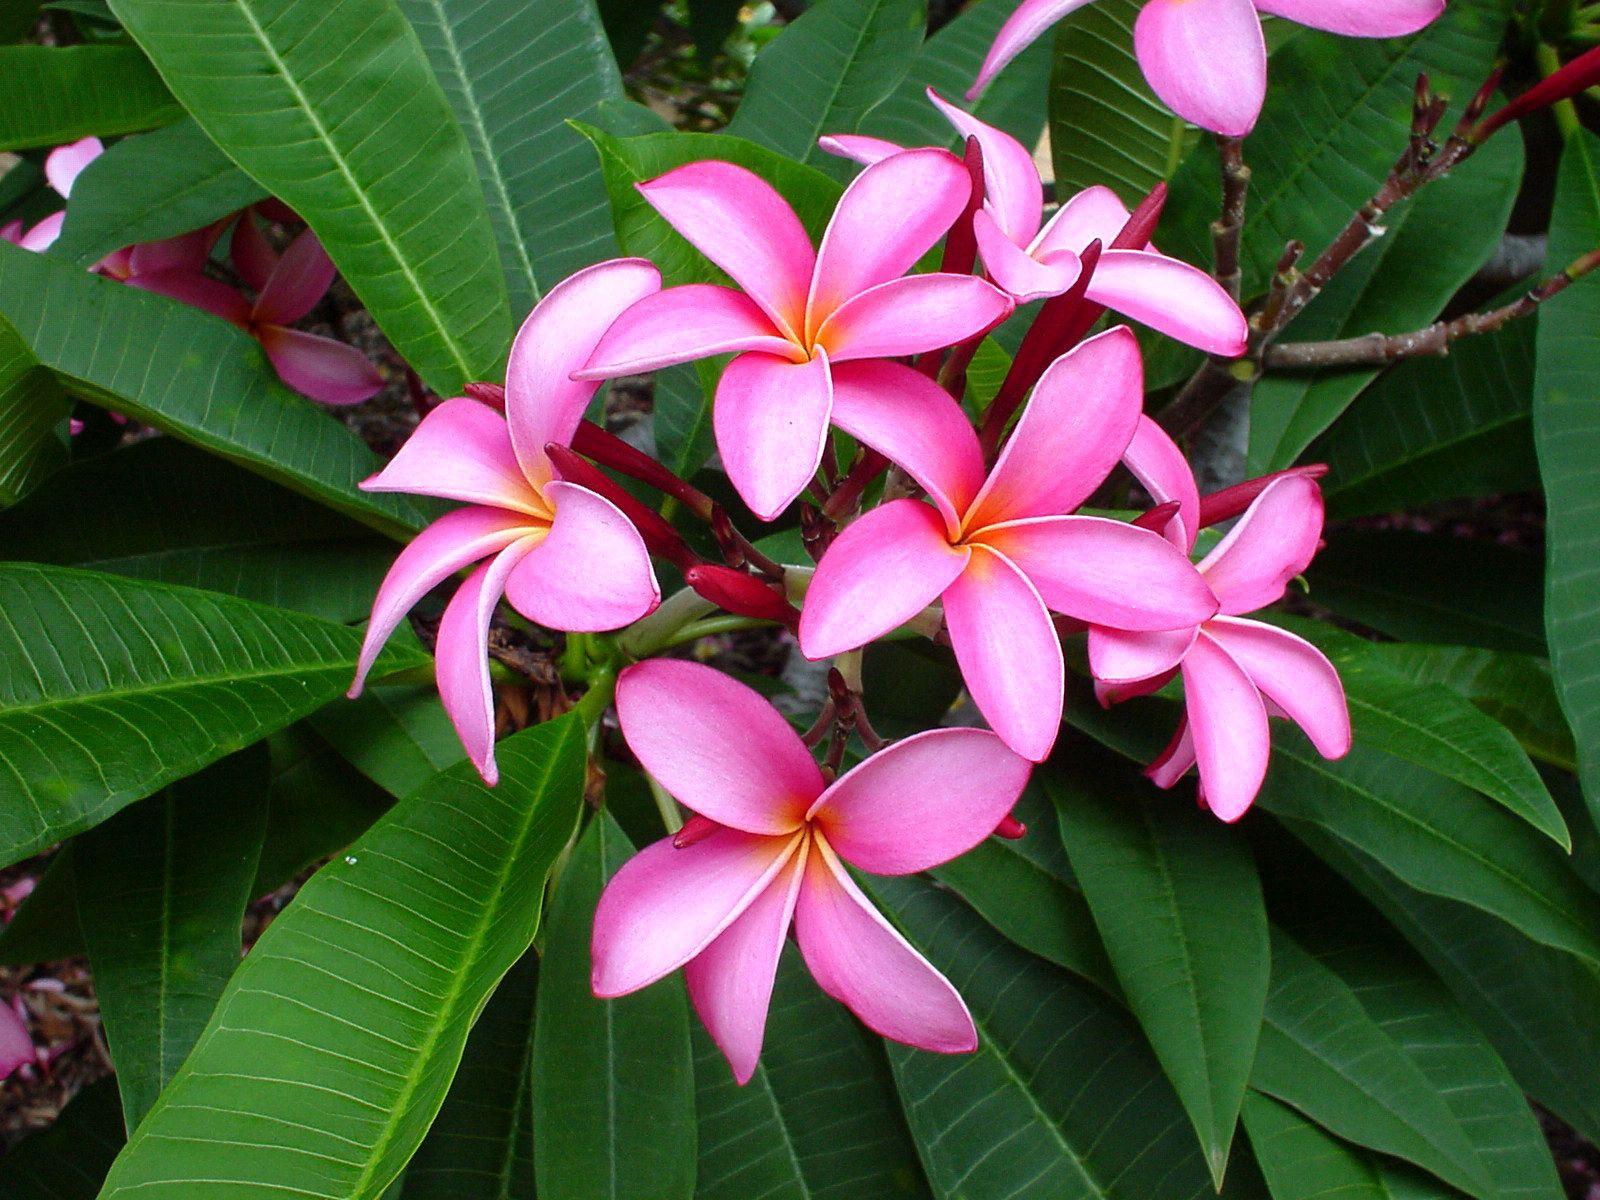 94620 скачать обои Цветы, Плюмерия, Розовая, Листья, Нежность - заставки и картинки бесплатно